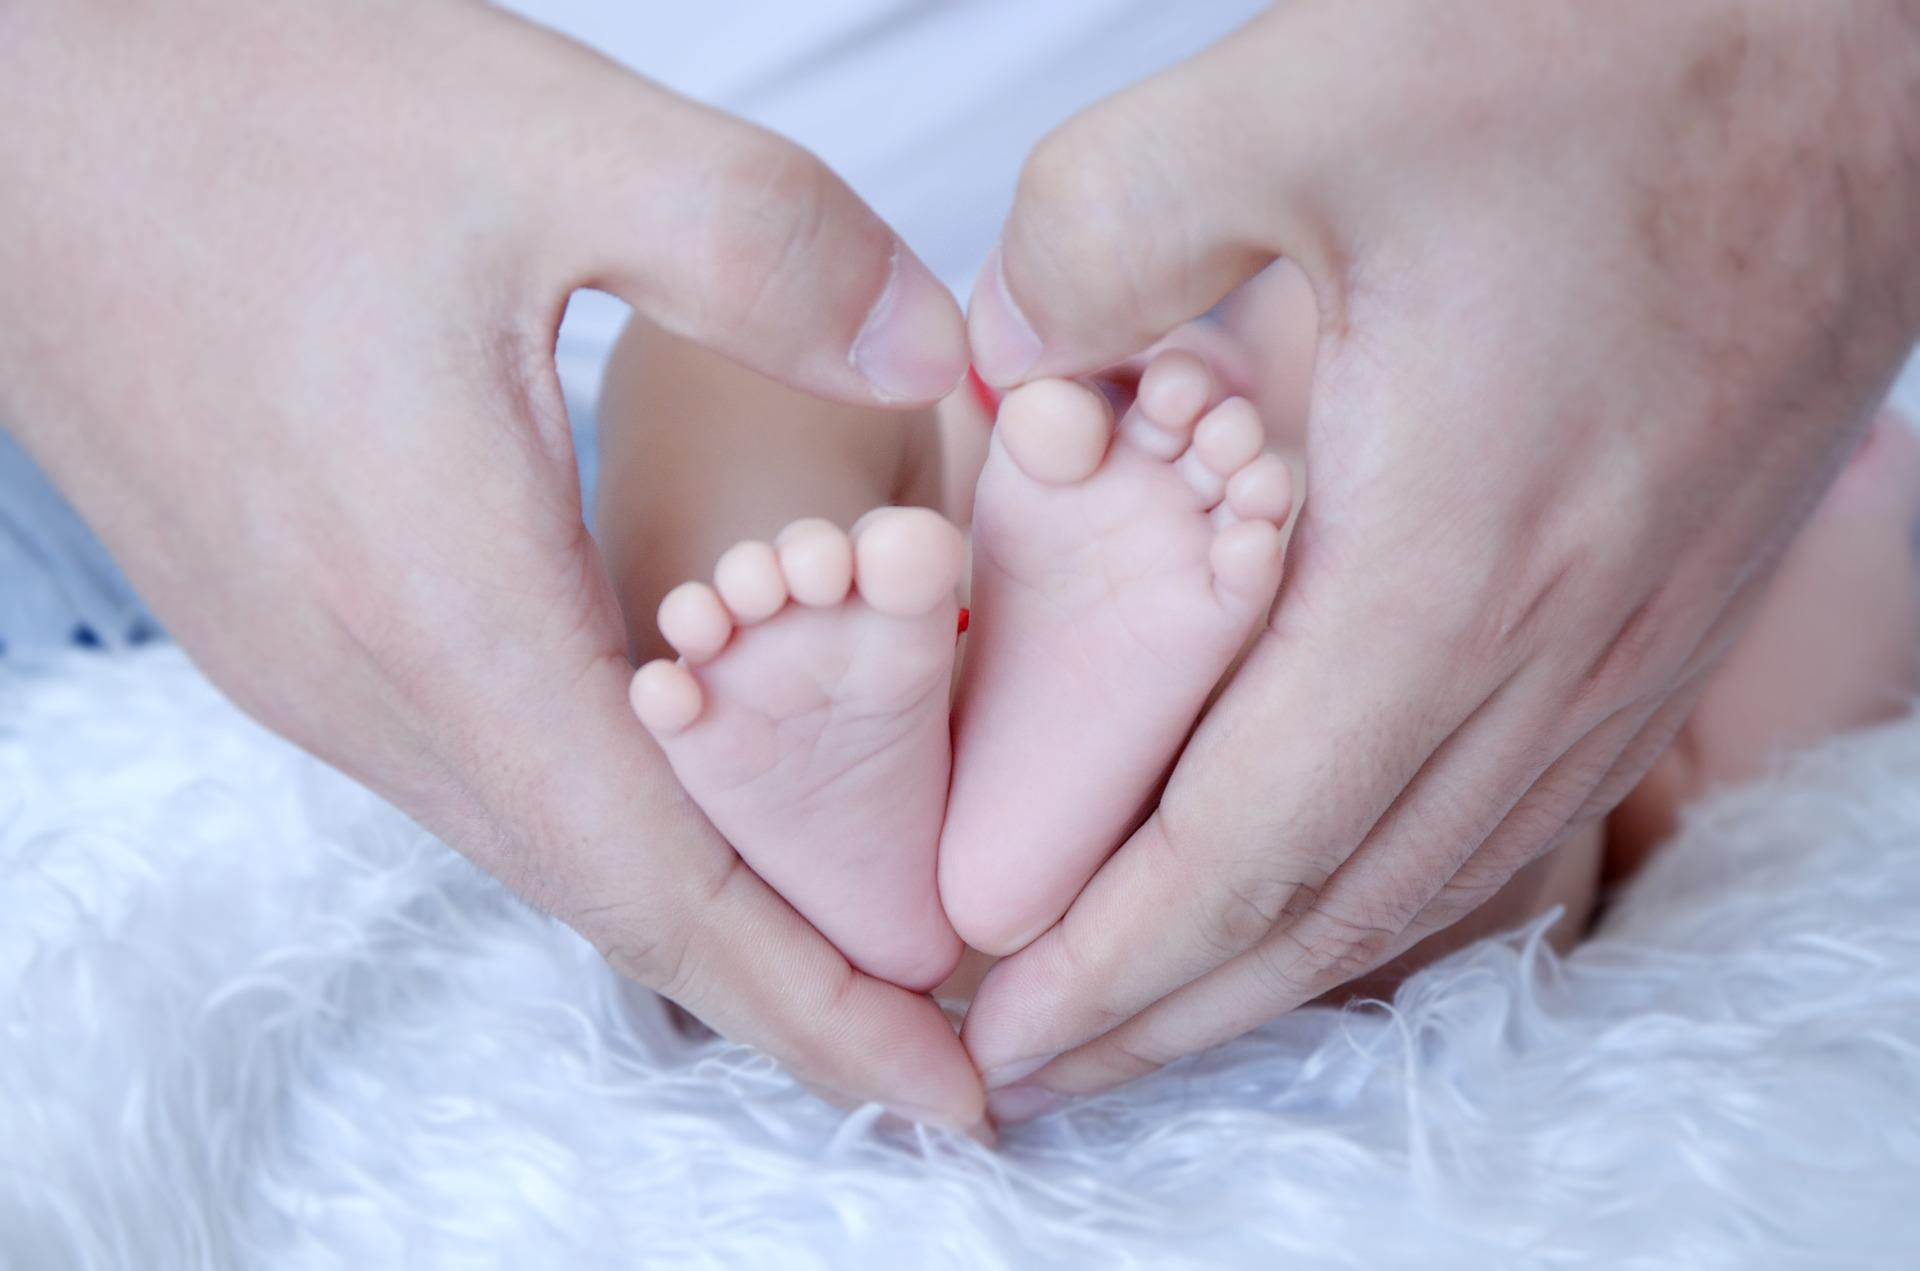 صورة جميلة لأب وابنه متضمنة أقدام الطفل ويدي الأب على شكل قلب